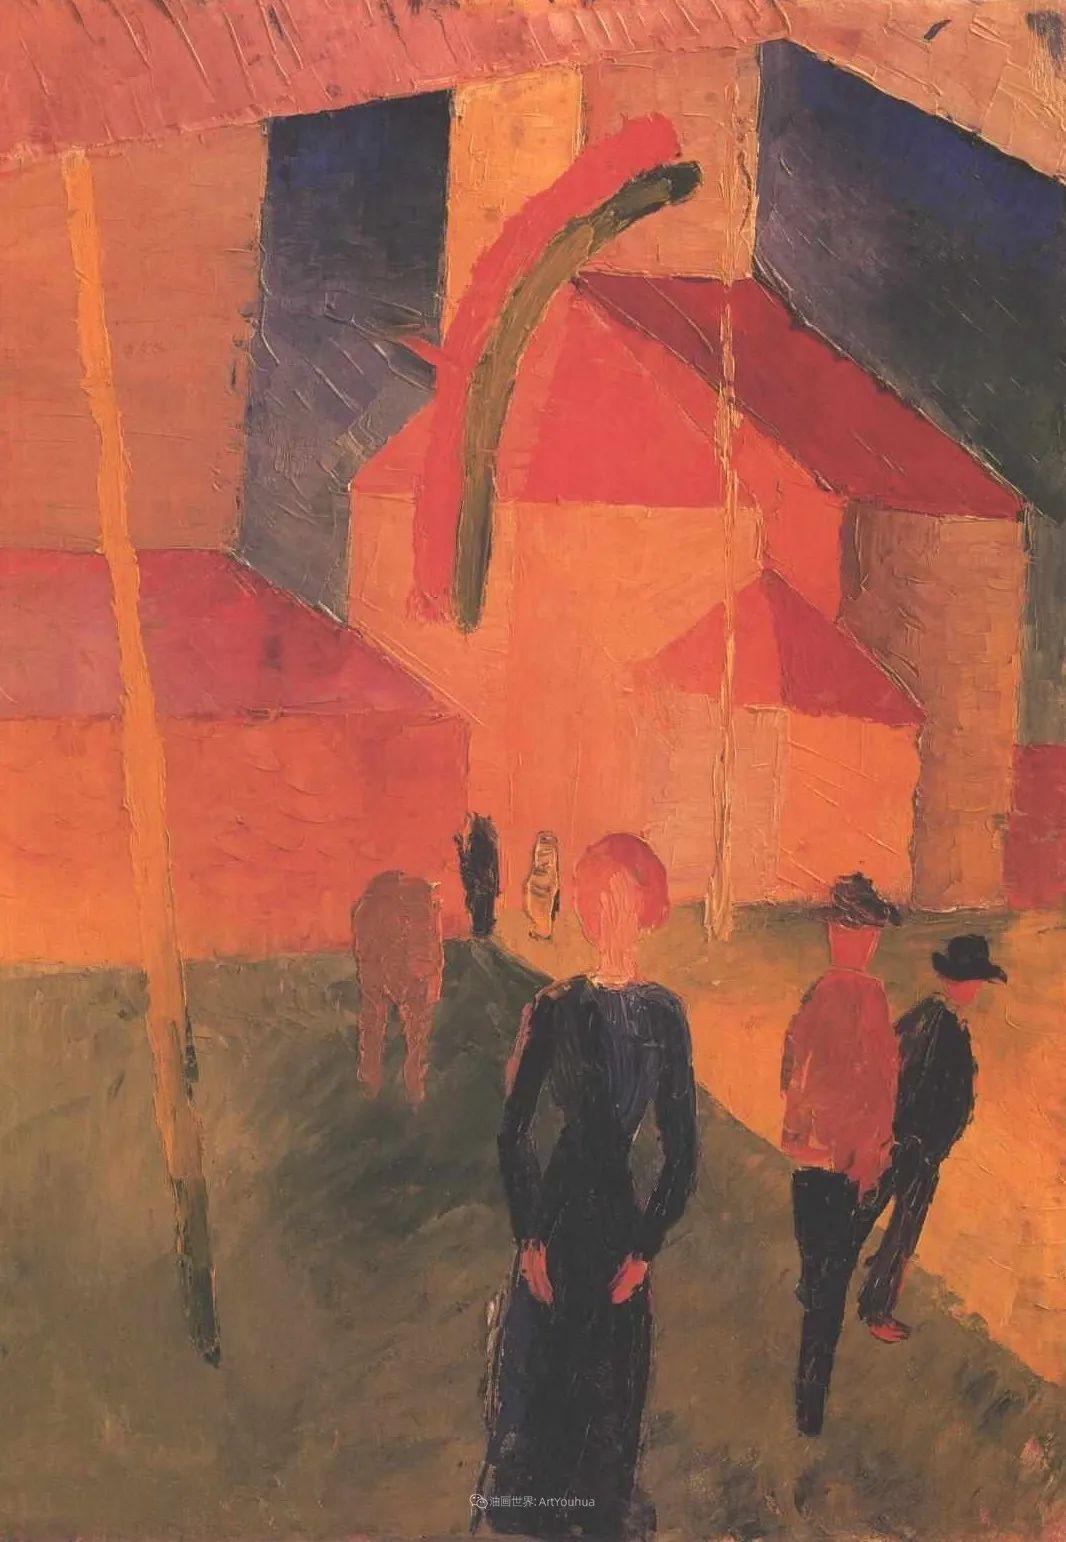 画面色彩的力量,德国表现主义画家奥古斯特·马克插图51